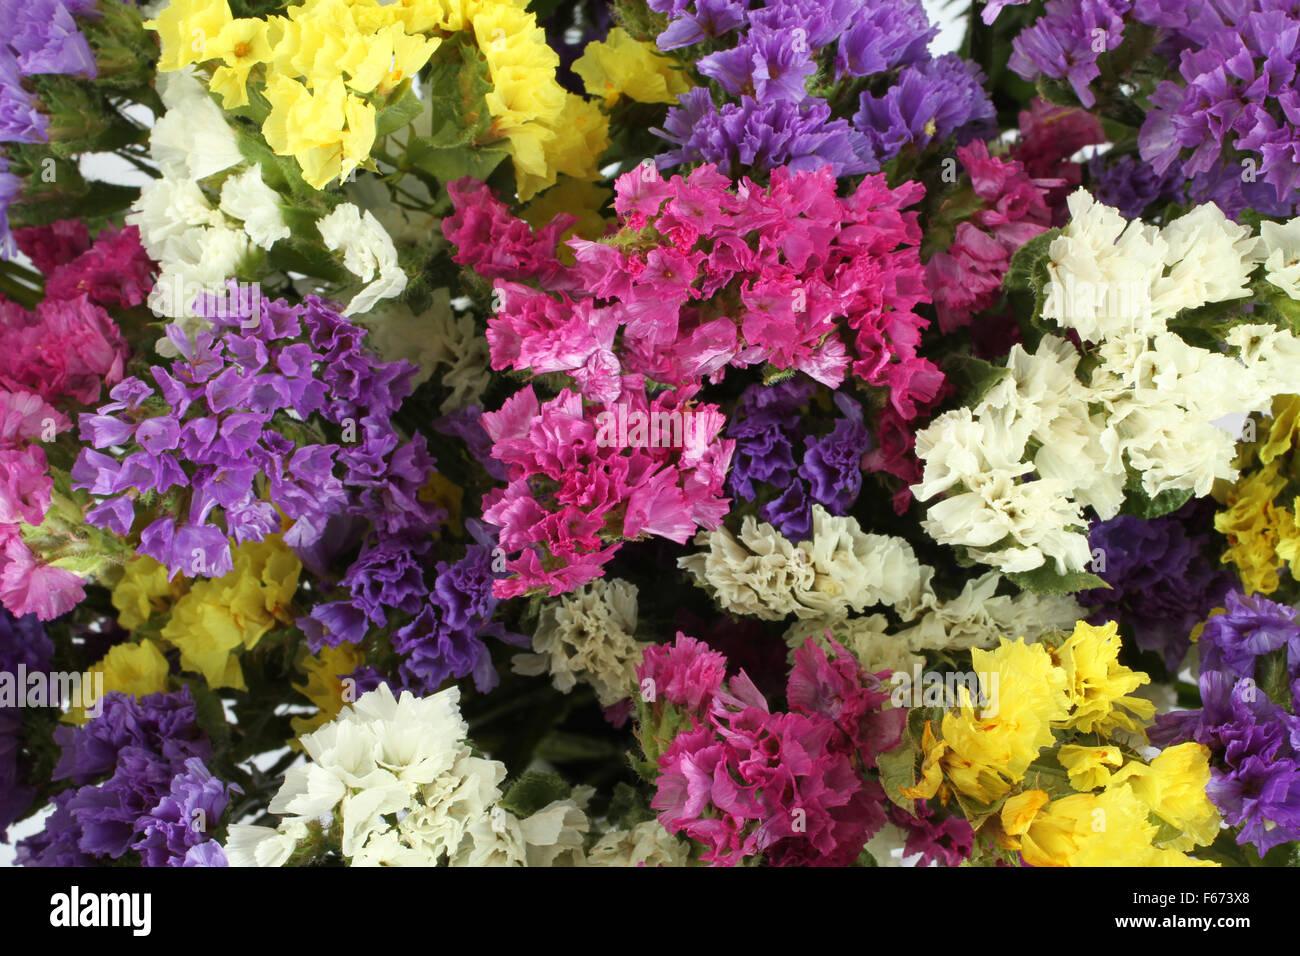 Colorful Statice Flowers  -  Limonium Background - Stock Image